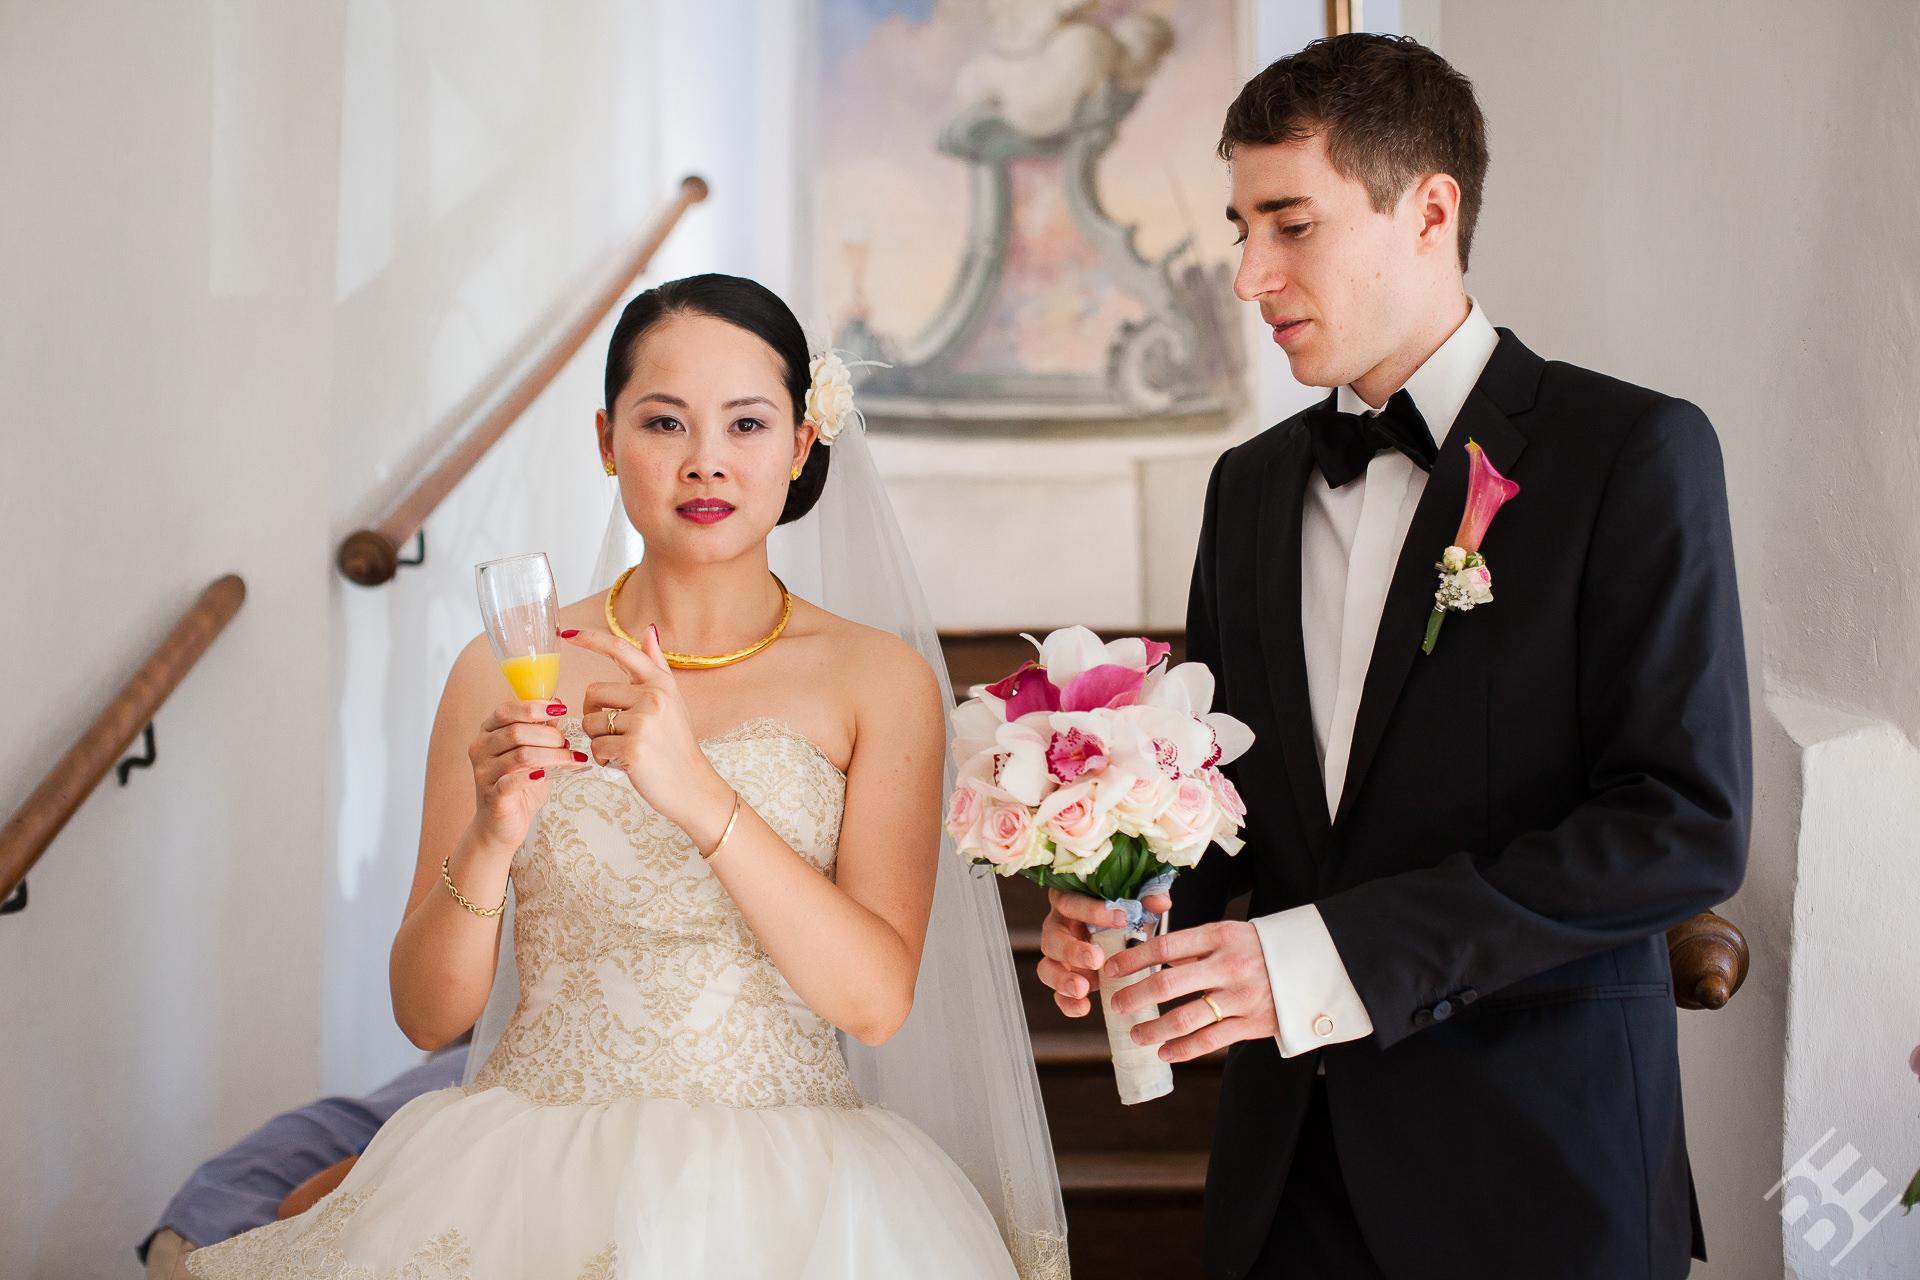 Hochzeit_56_IMG_9536_Volen_Evtimov